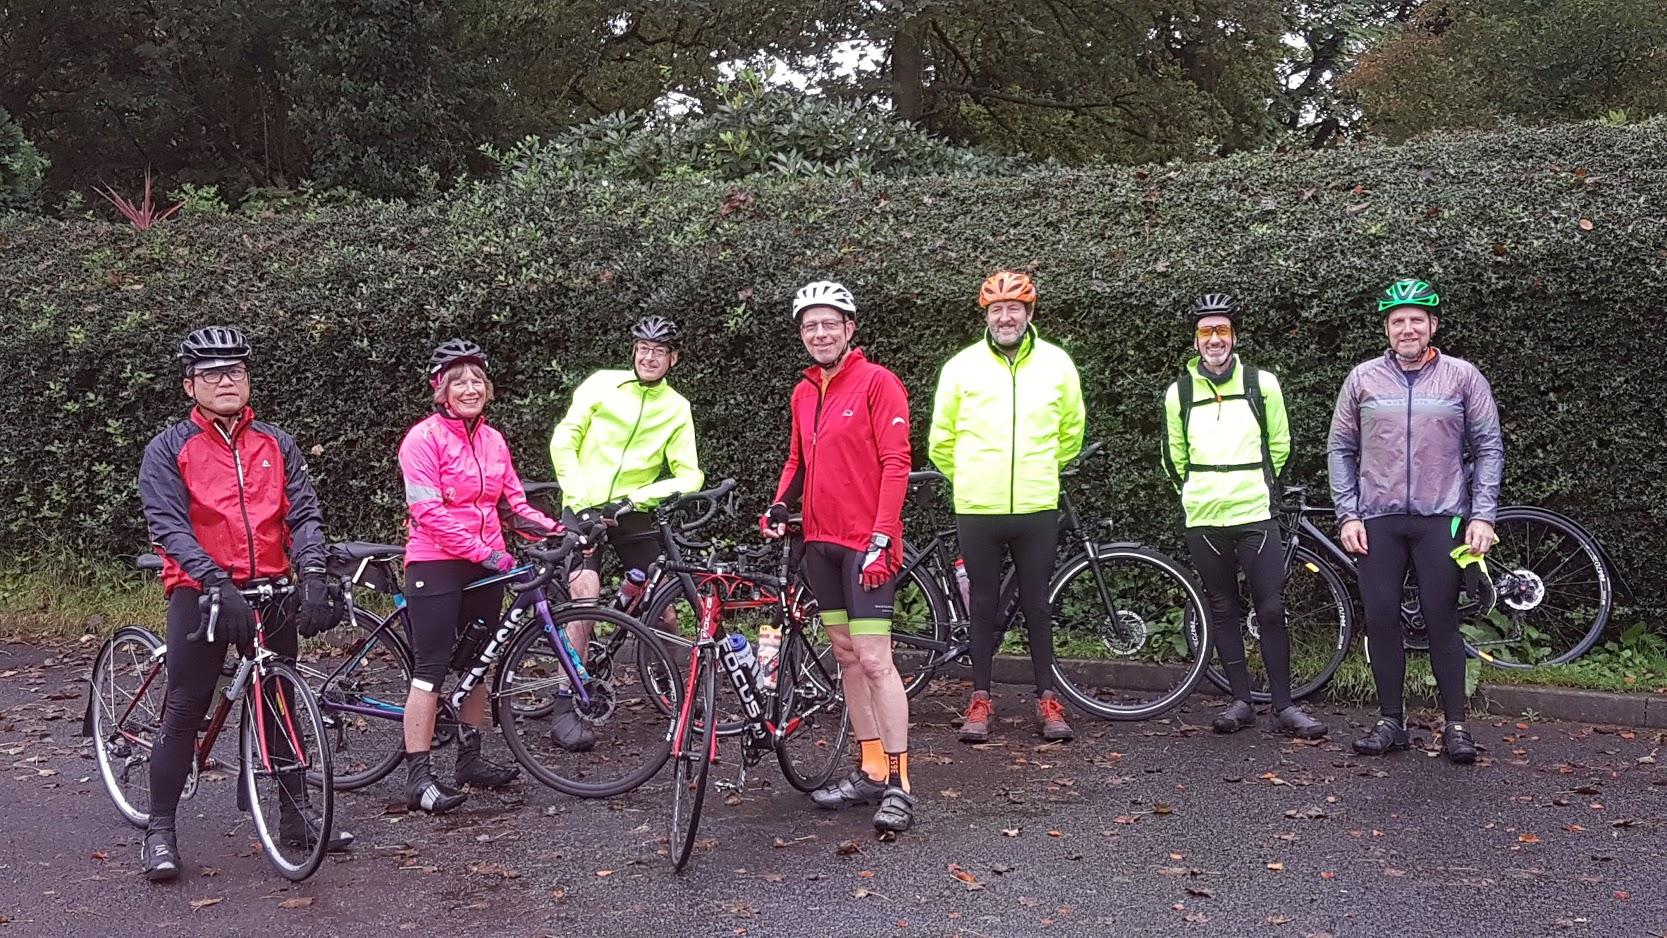 Larks n Larklings: Mike, Sue, Steve, Jochen, Simon, Jim, Stuart. Larks meeting us en route: Mark, Richard.